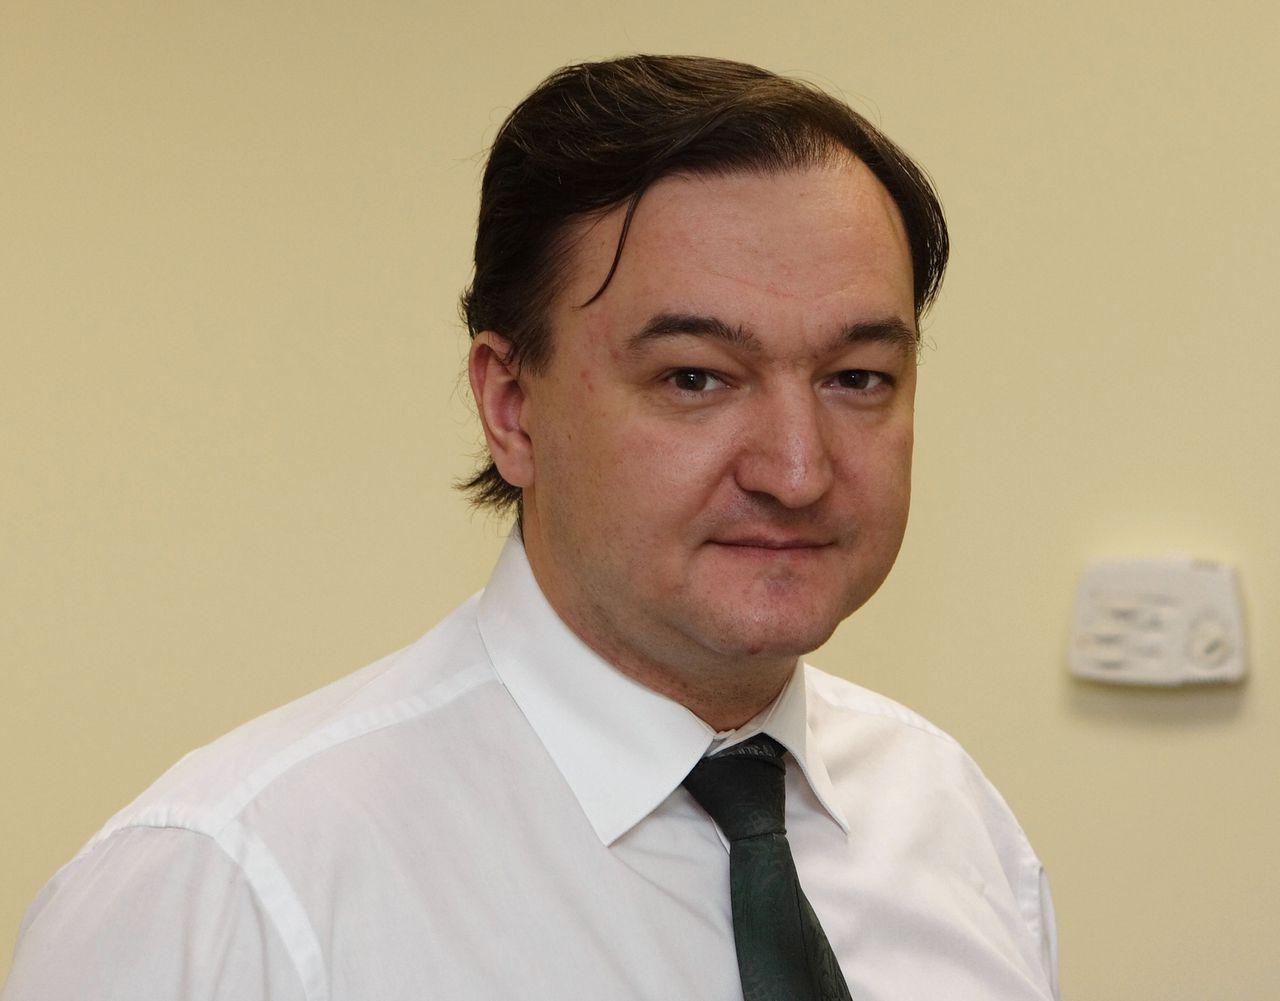 Een foto van Sergej Magnitski uit 2006. De Russische advocaat overleed in 2009 in een gevangenis.